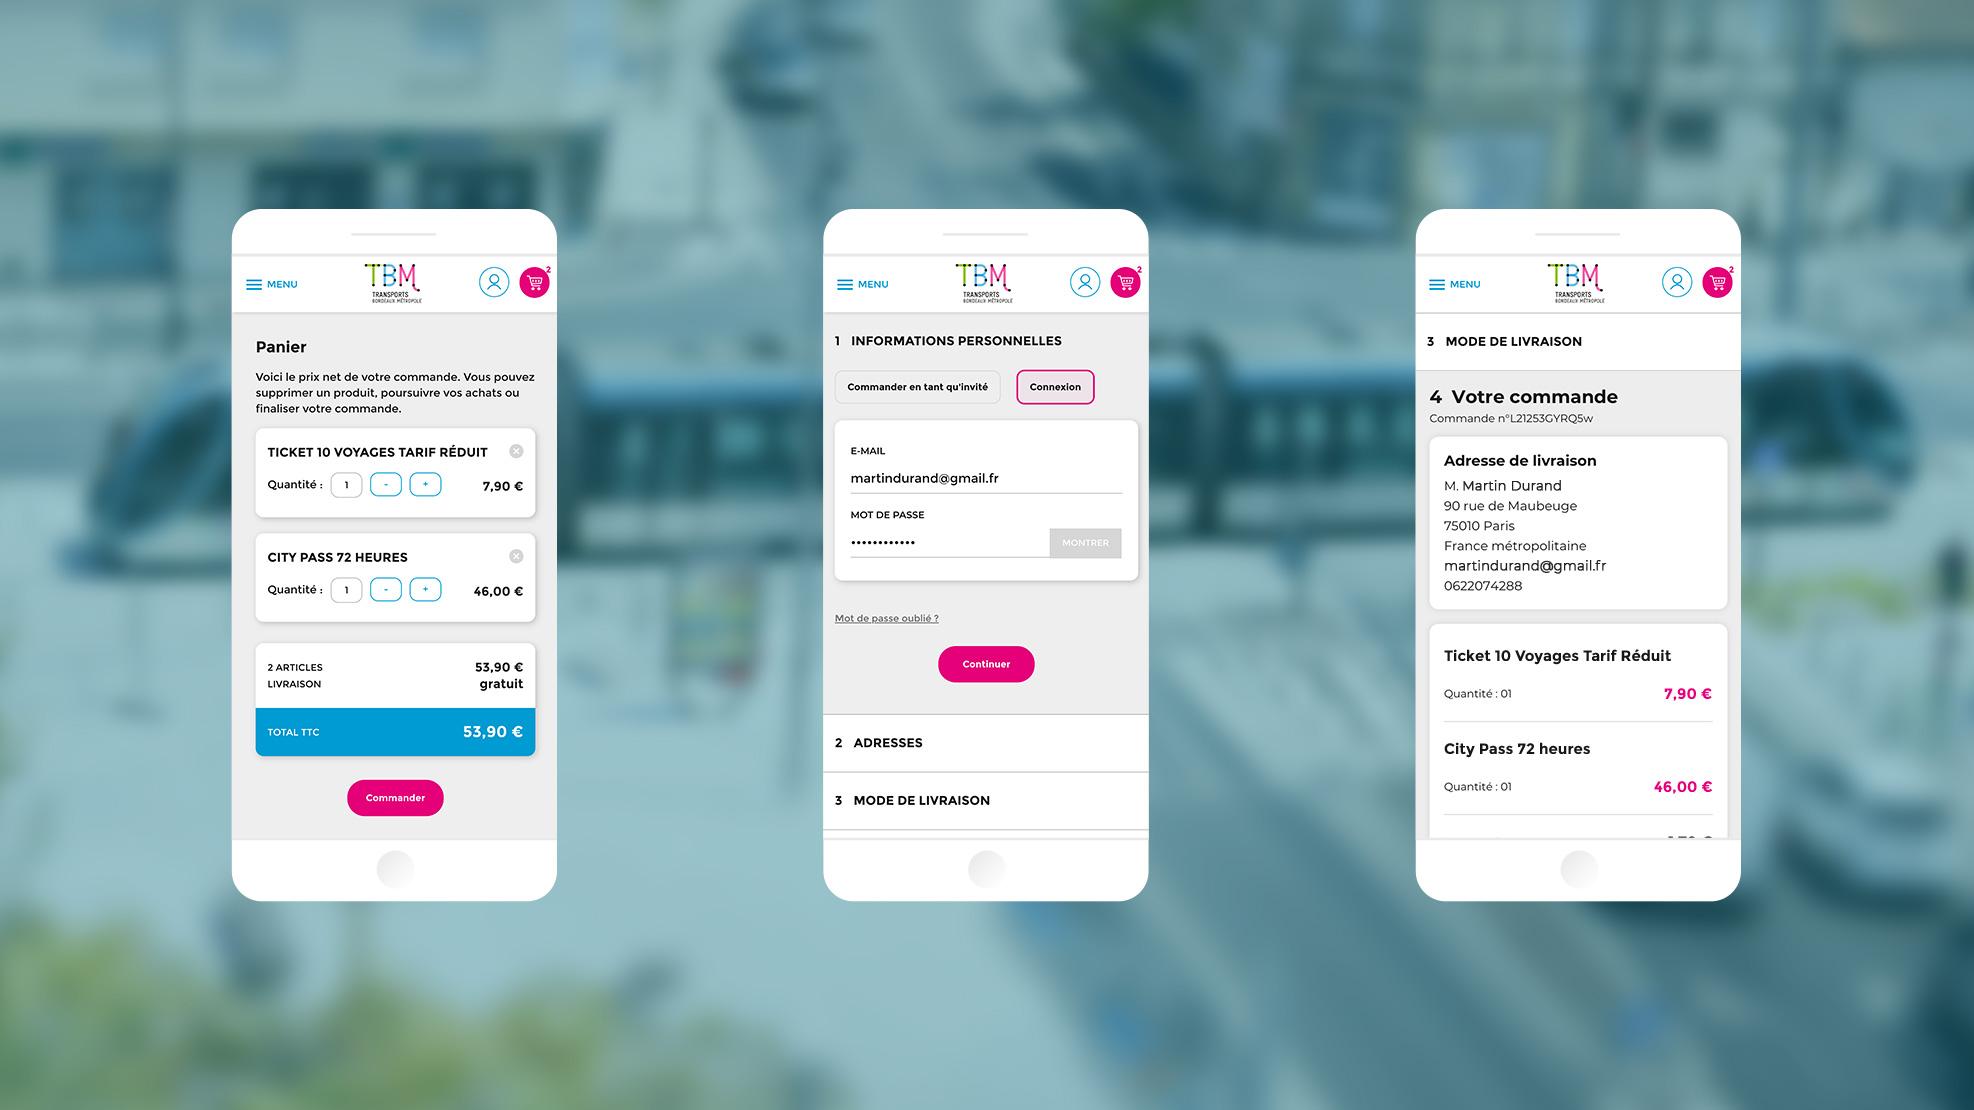 Capture d'écran de la eboutique TBM sur mobile